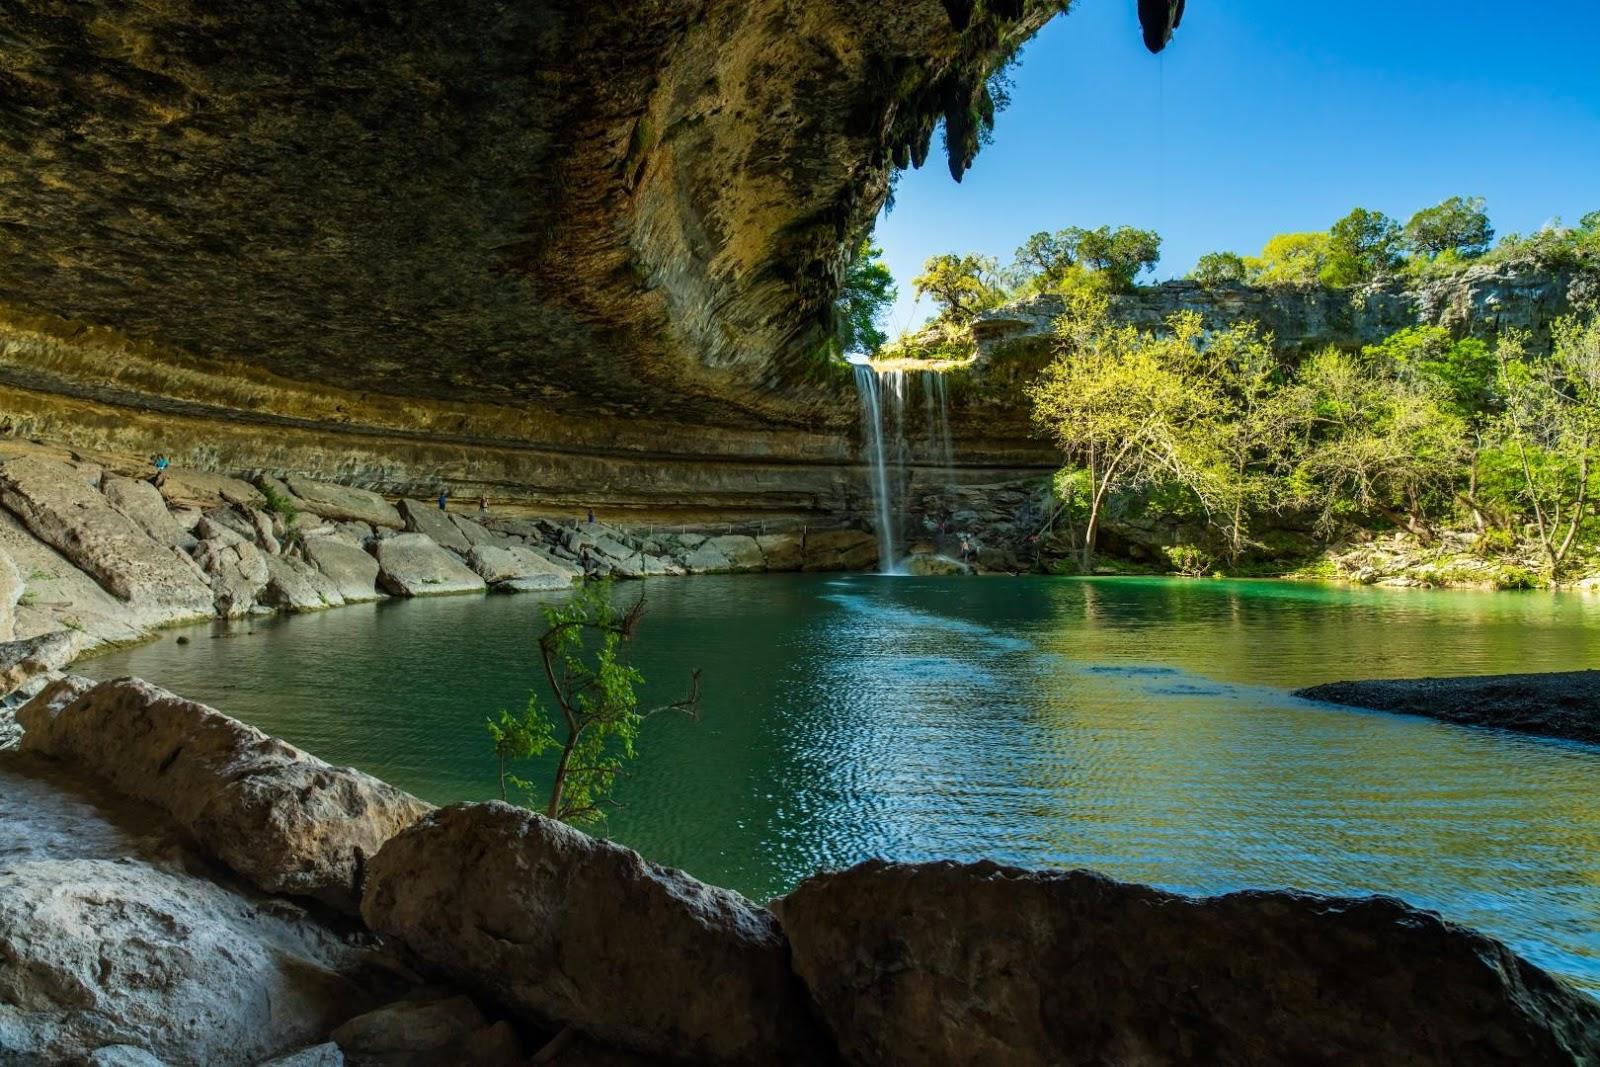 Piscine naturali dieci luoghi fatati in cui l acqua crea - Piscine rocciose ...